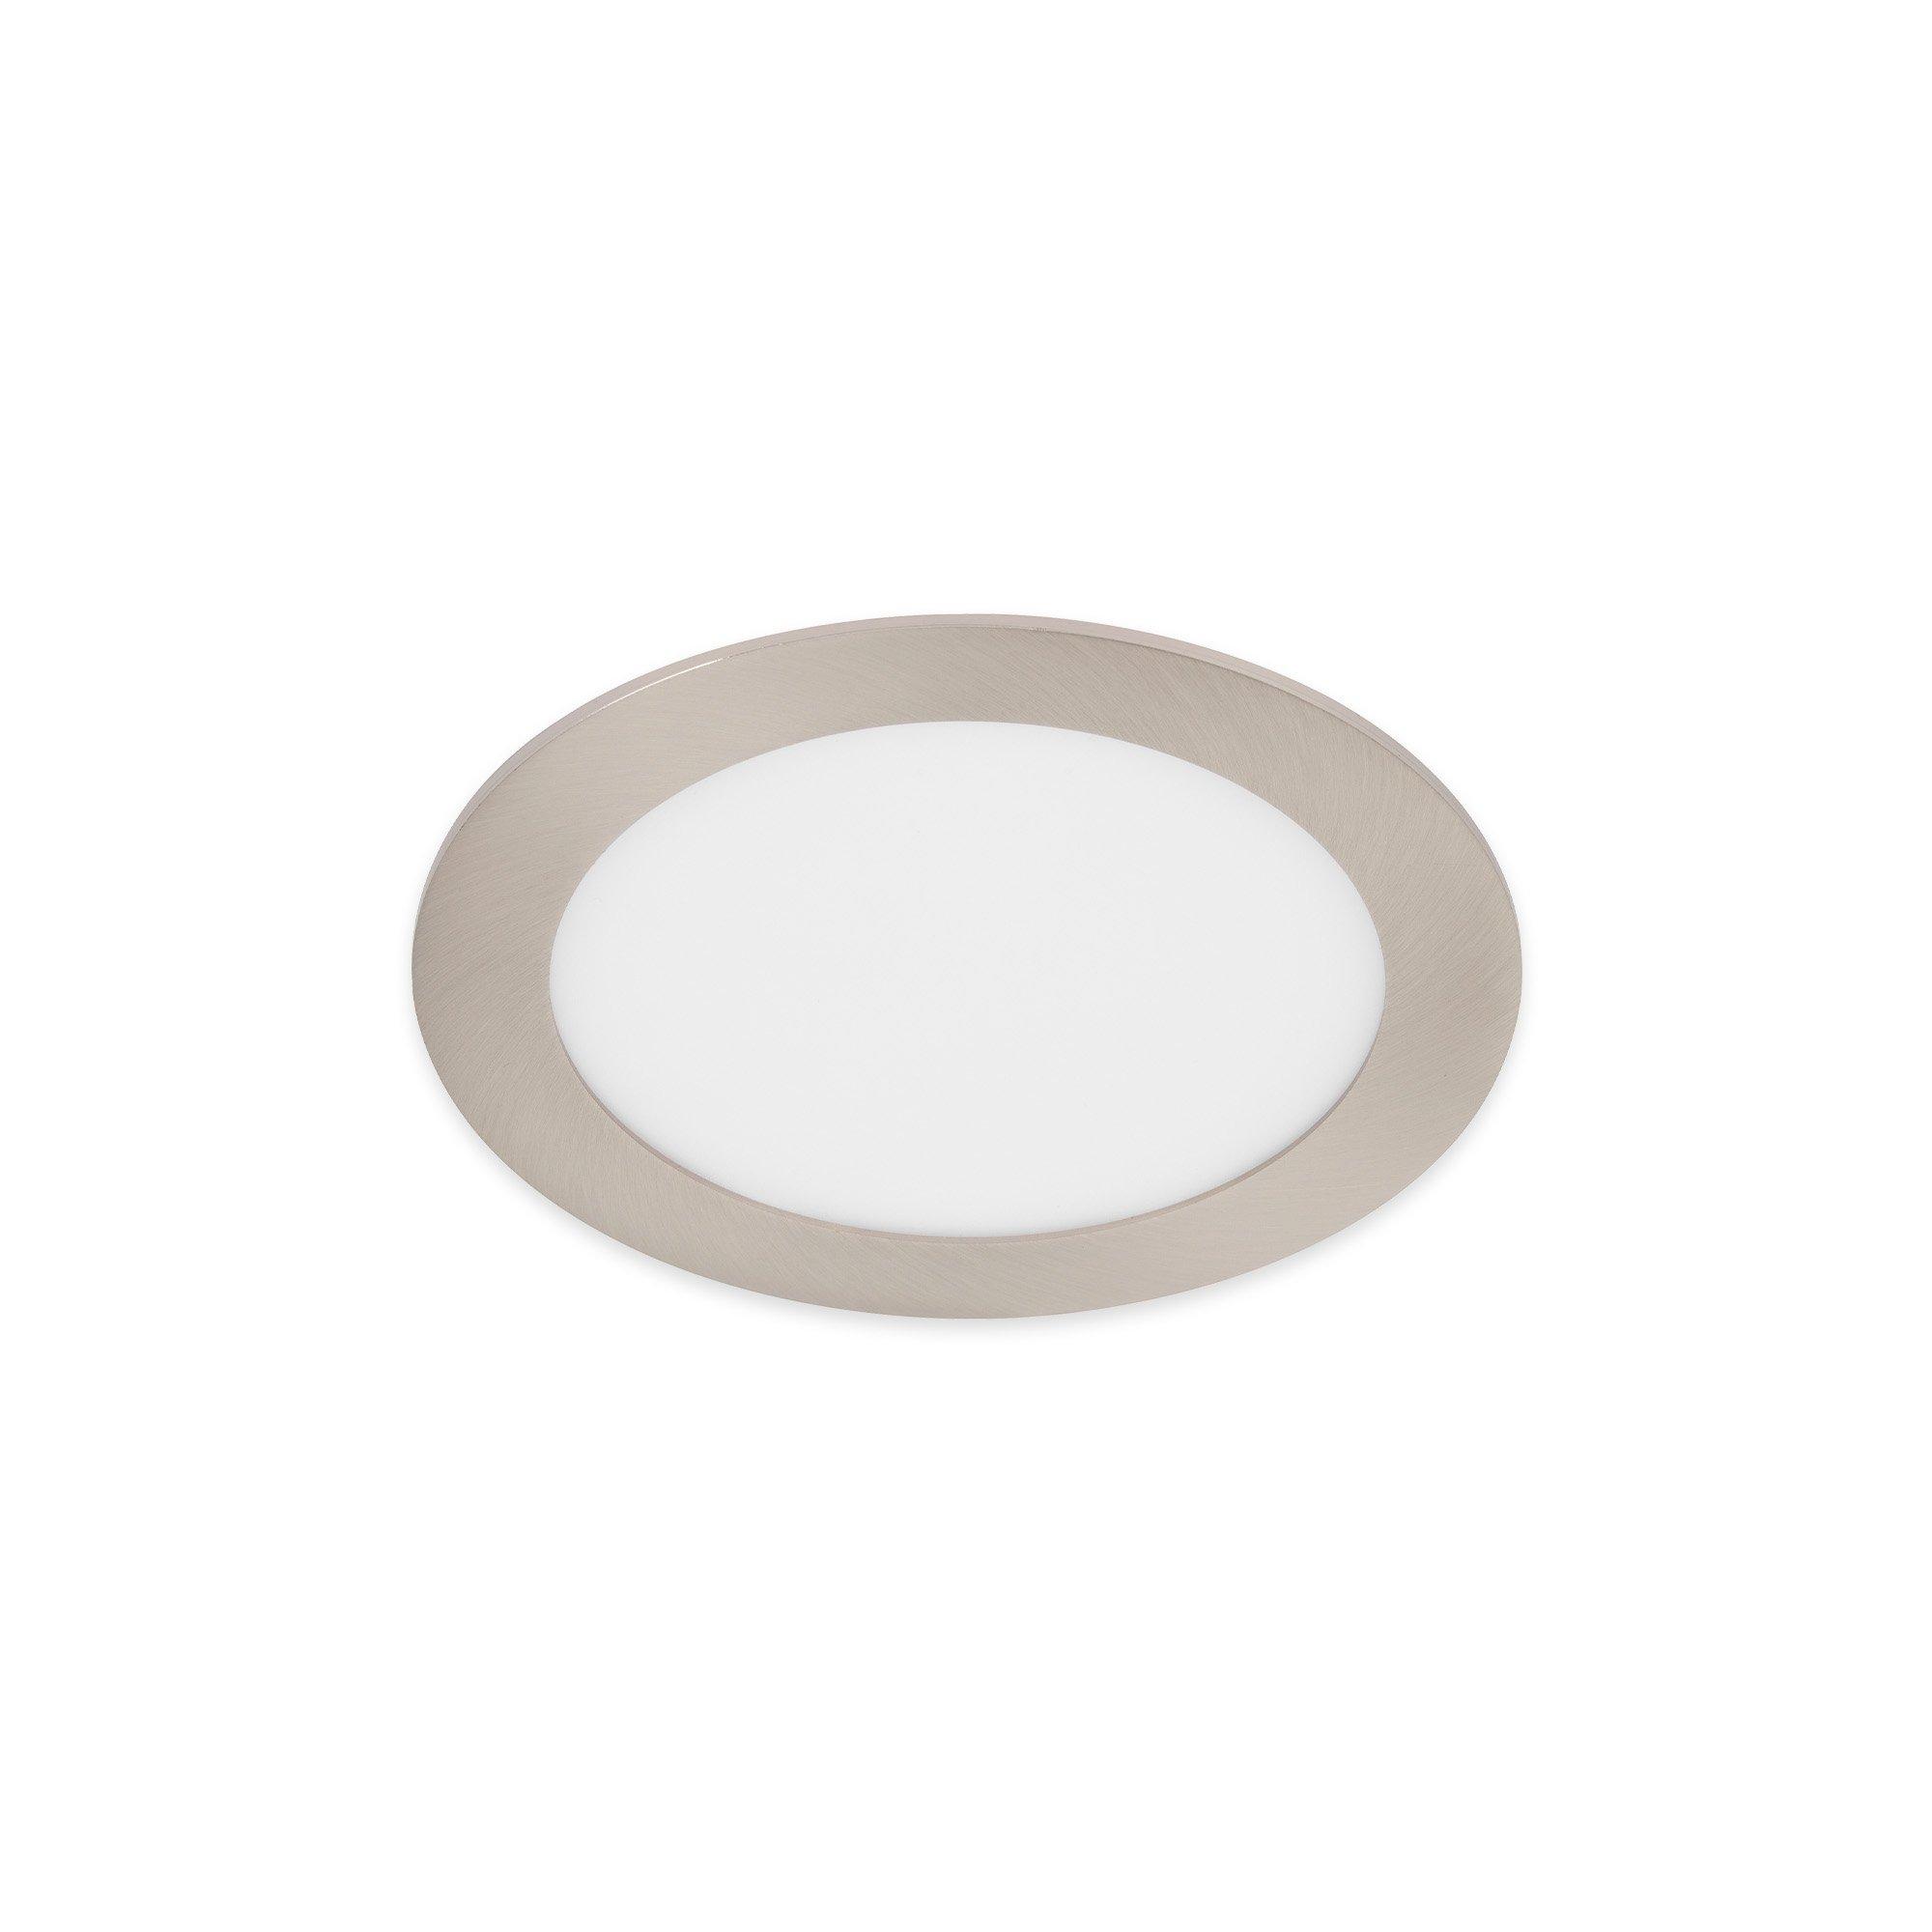 TELEFUNKEN Smart LED Einbauleuchte, Ø 17 cm, 12 W, Matt-Nickel